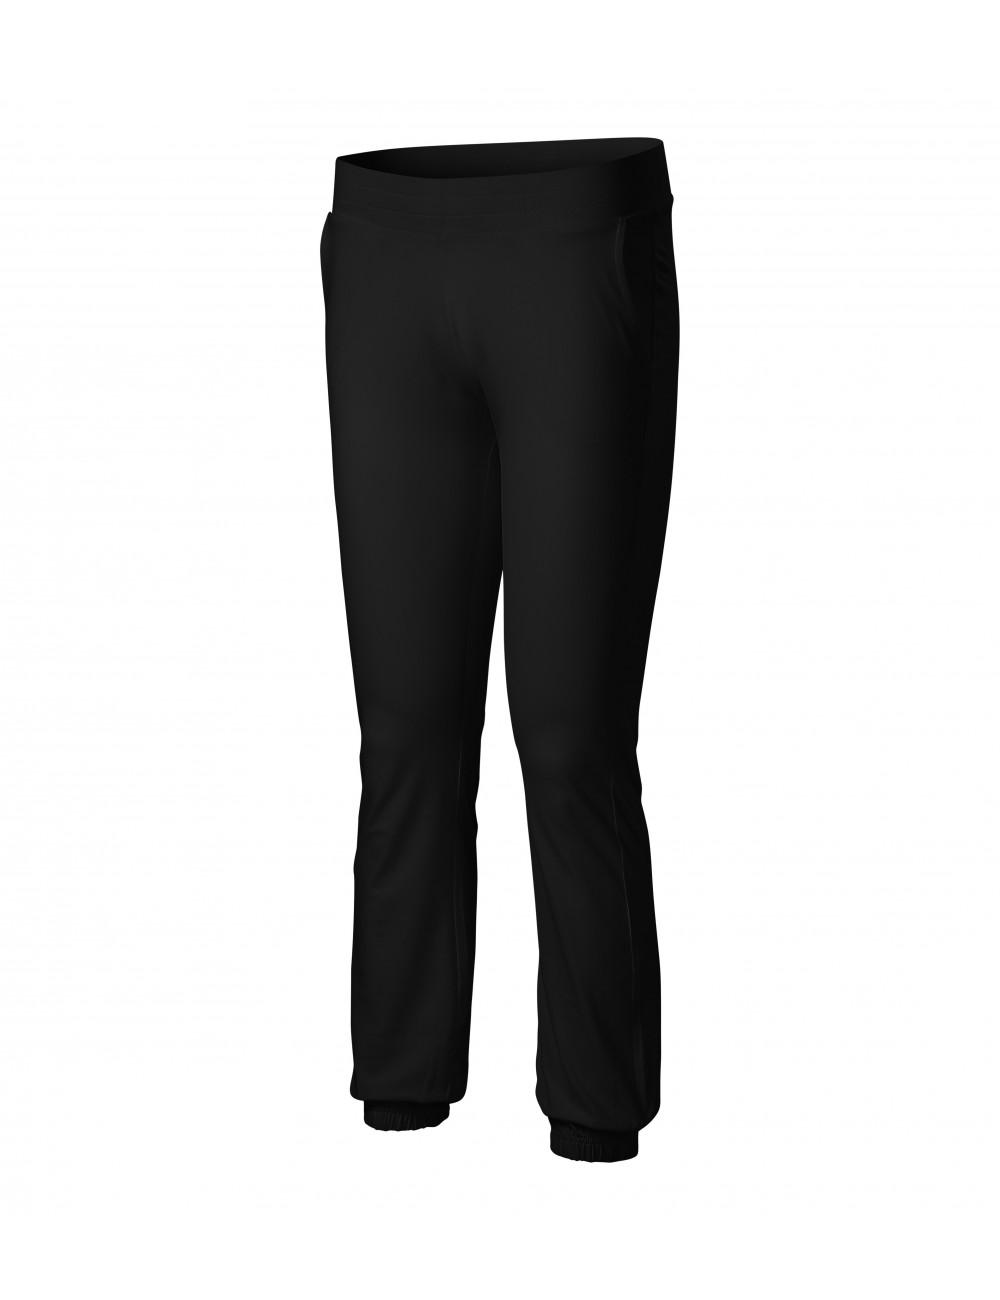 Adler MALFINI Spodnie dresowe damskie Leisure 603 czarny